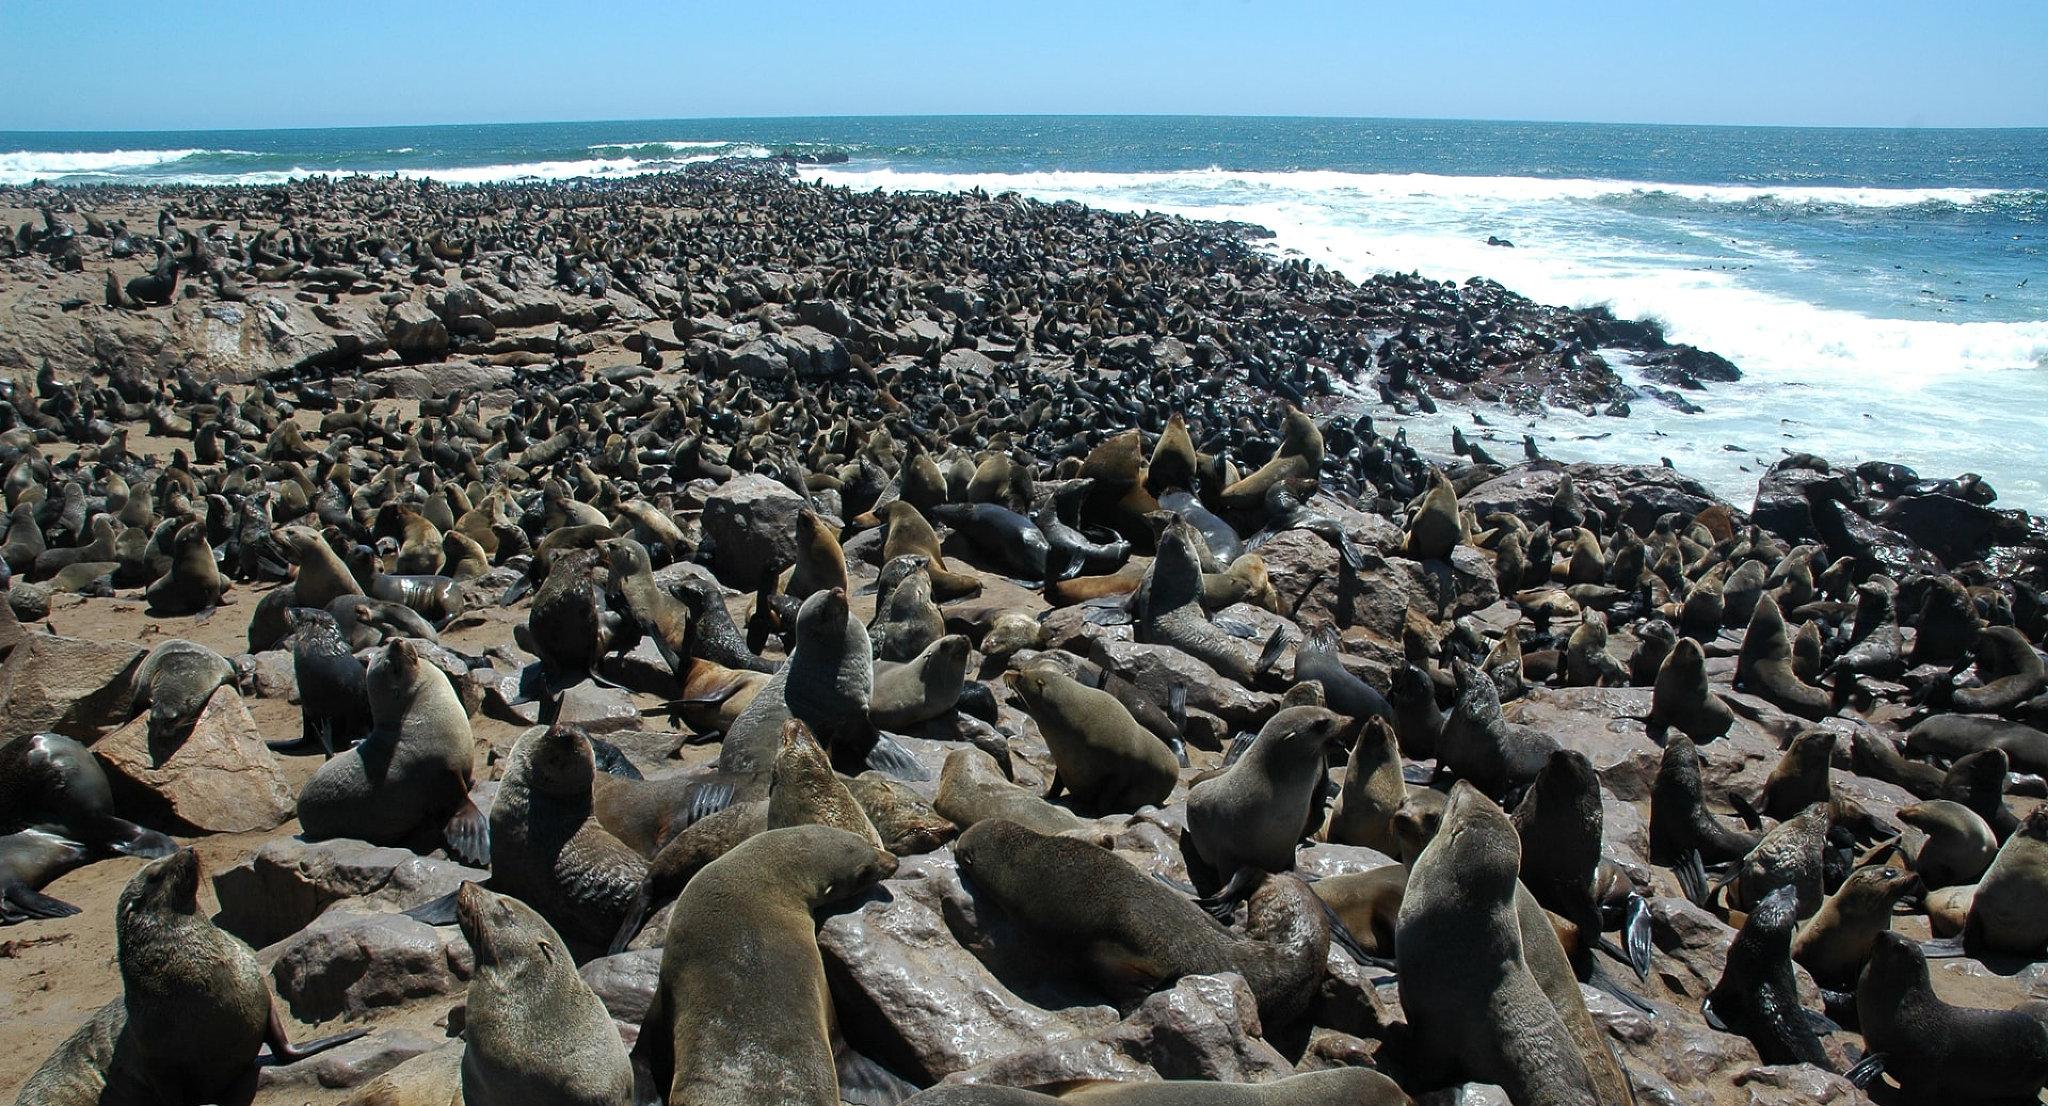 La gigantesca colonia di otarie a Cape Cross